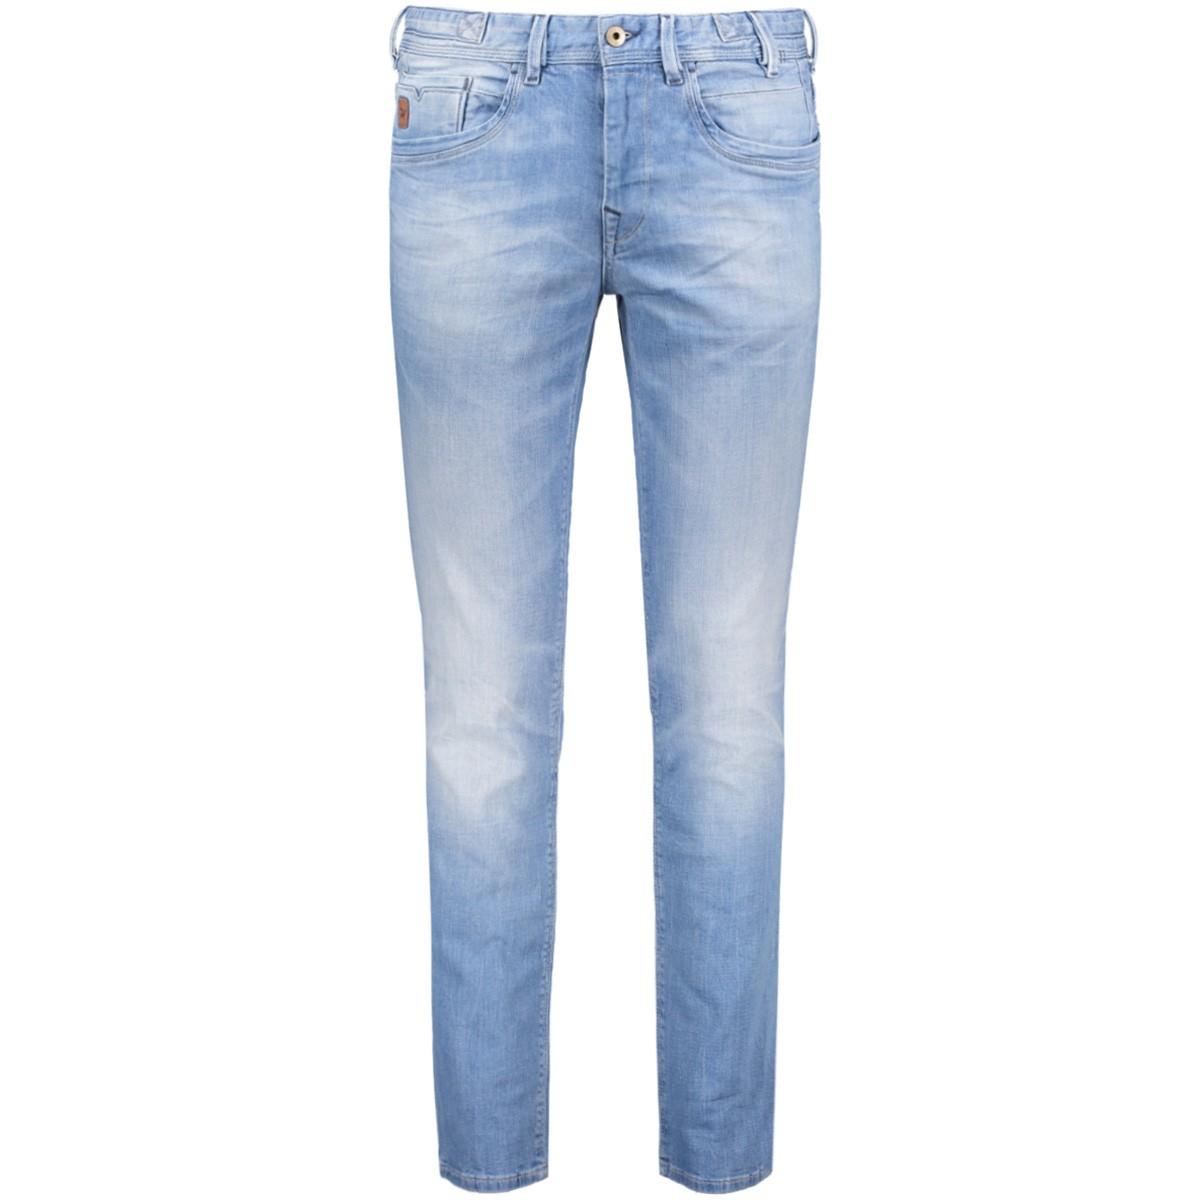 Lichtblauwe heren jeans Vanguard V8 - VTR525-leb lengtemaat 34